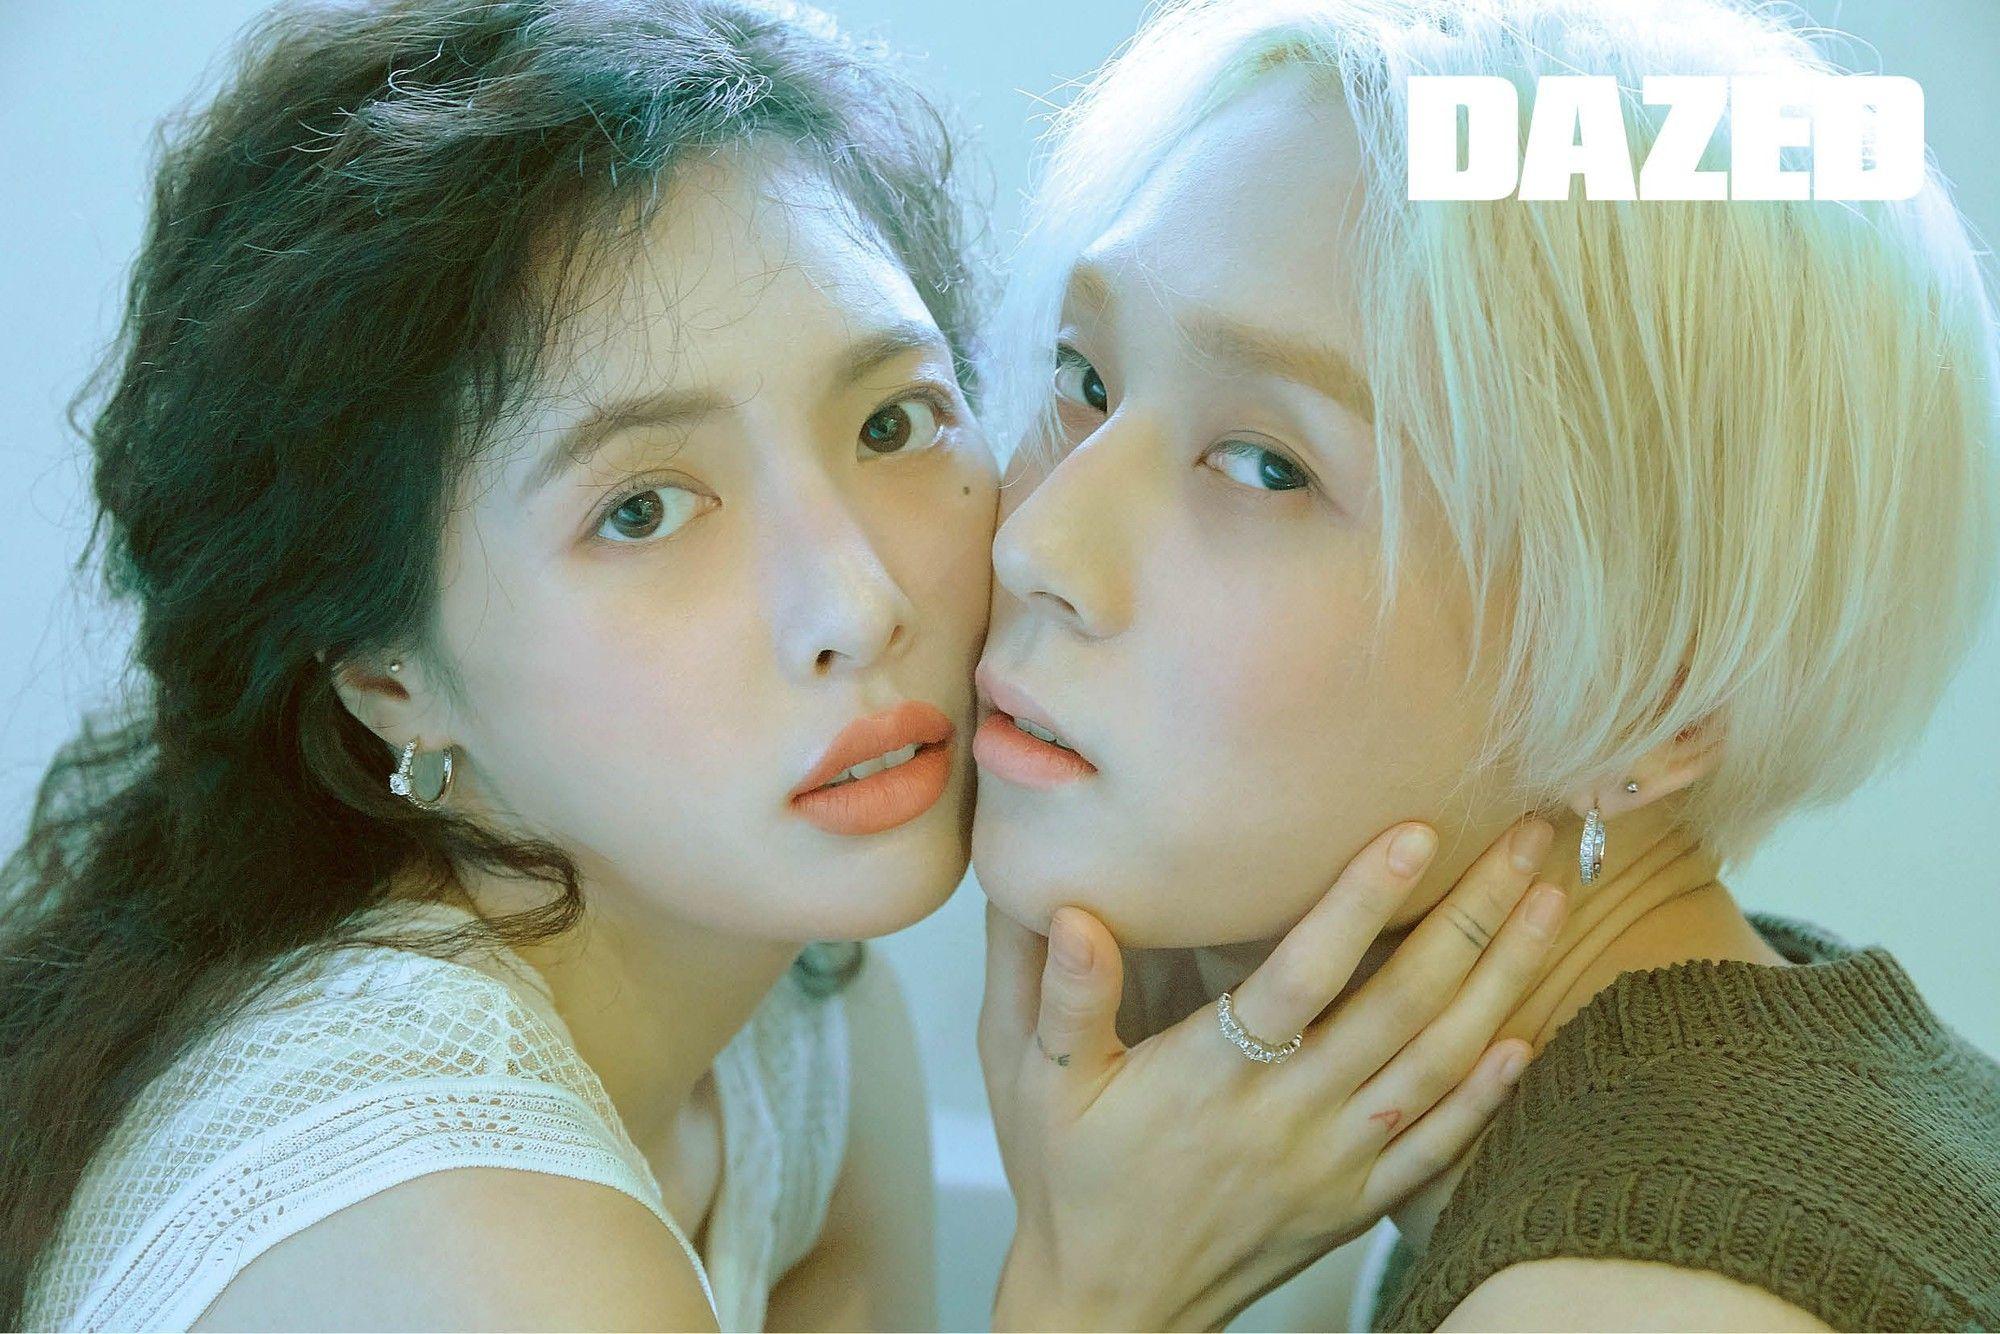 Vướng nhiều chỉ trích thị phi nhưng E'Dawn và HyunA vẫn kiên quyết bảo vệ tình yêu của mình